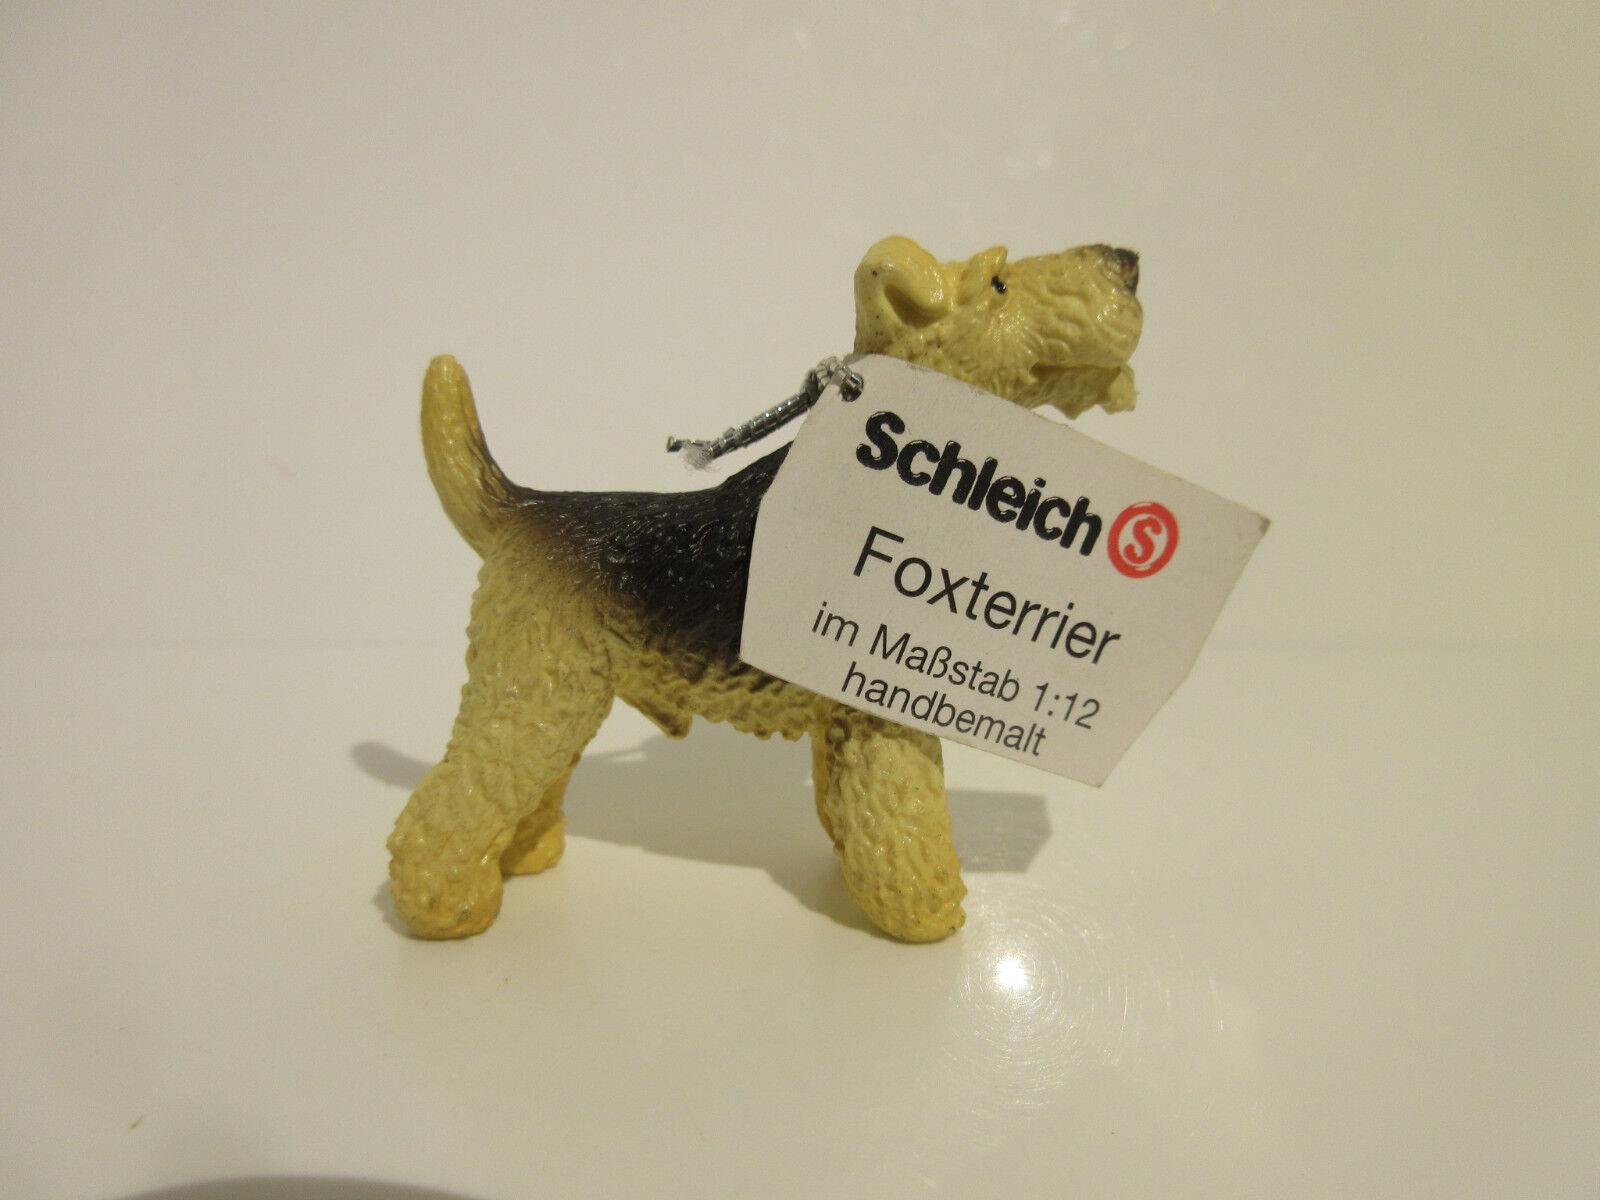 16310  Schleich Dog: Fox Terrier   with booklet  ref:21P42